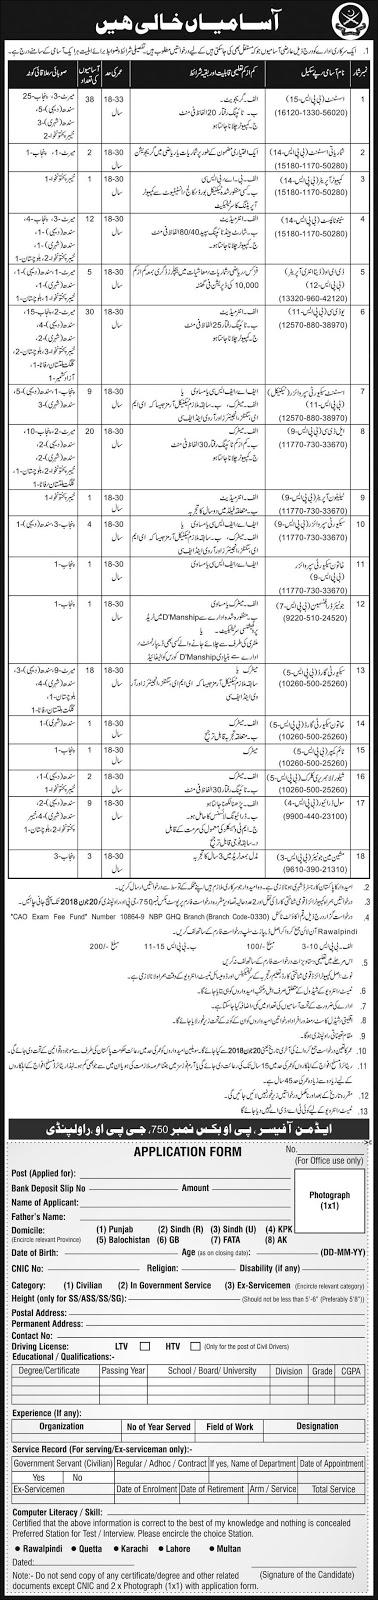 Today June 2018 Govt jobs Under Army (150+ Vacancies)